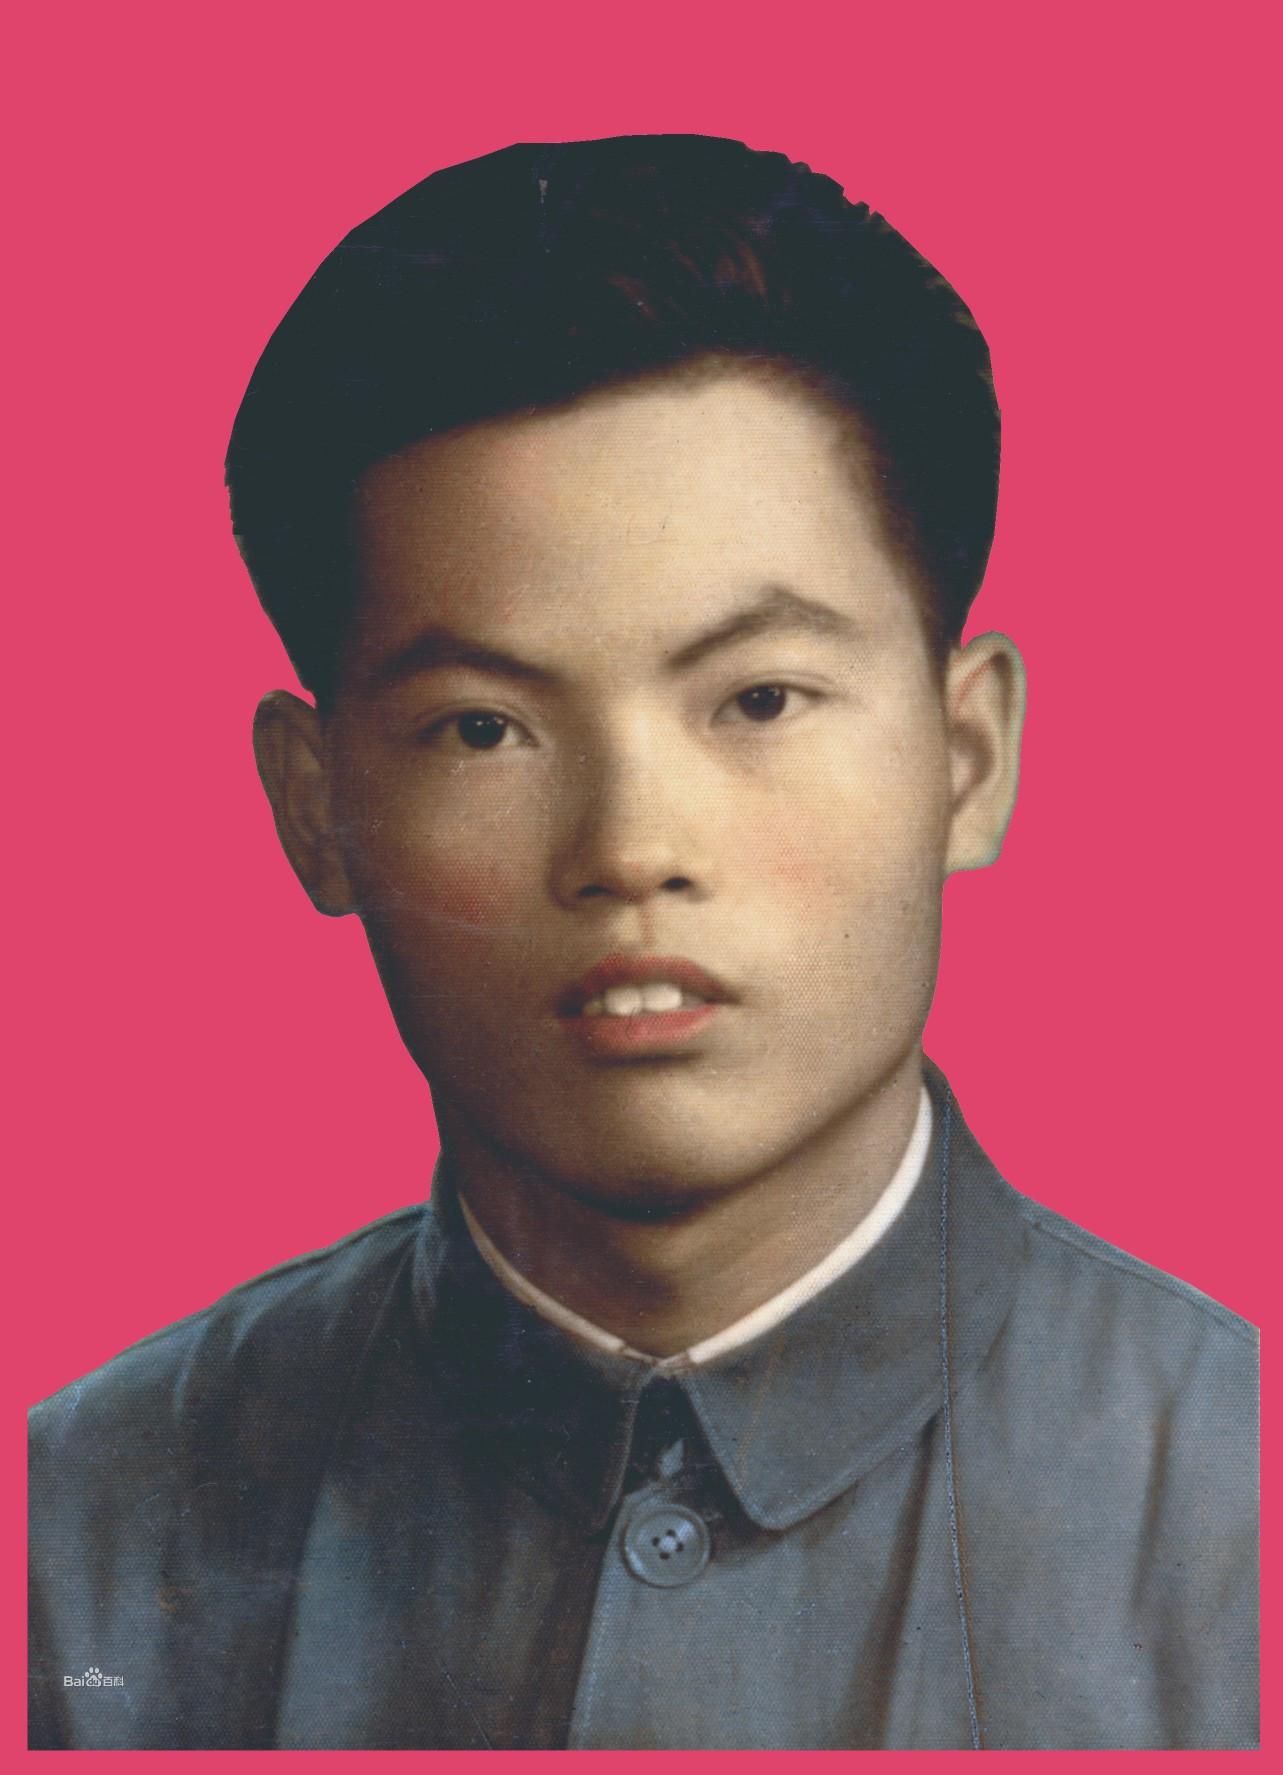 摄于1973年5月 福州上海照相馆图片